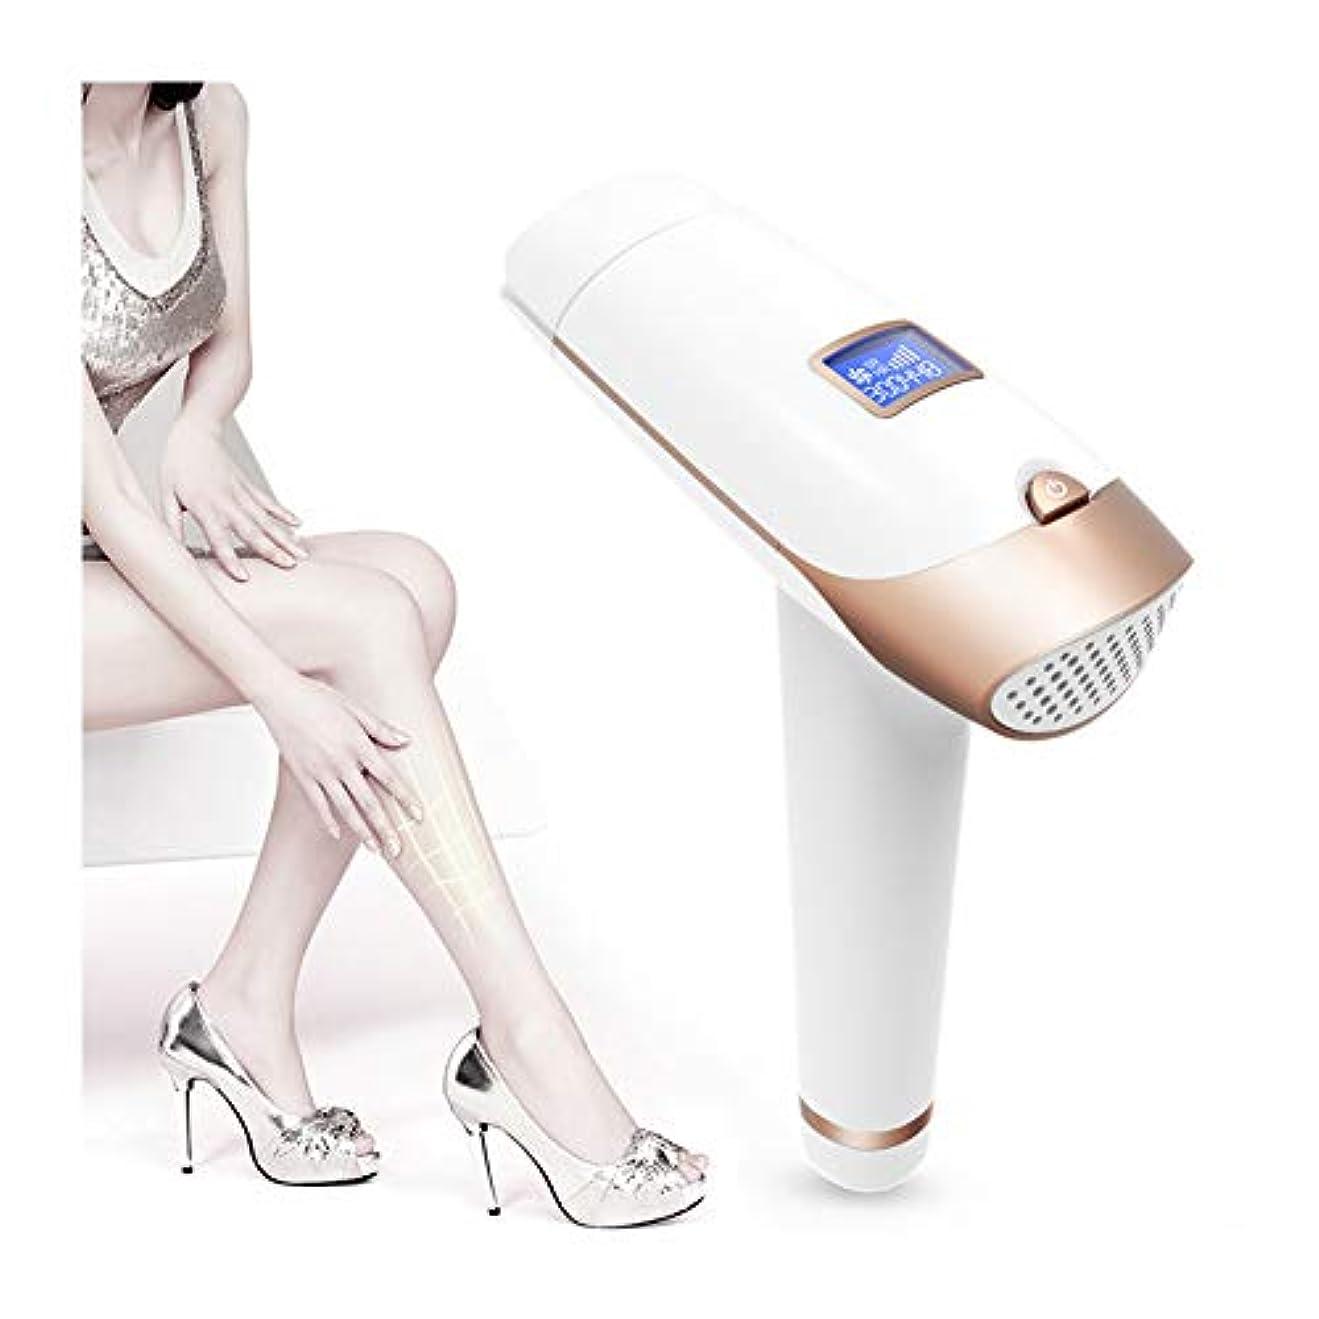 女性のためのIPLの毛の取り外し装置IPLの毛の除去剤、IPLレーザーの毛の取り外し、凍結ポイント痛みのない永久的なレーザーの毛の取り外し機械を改善して下さい